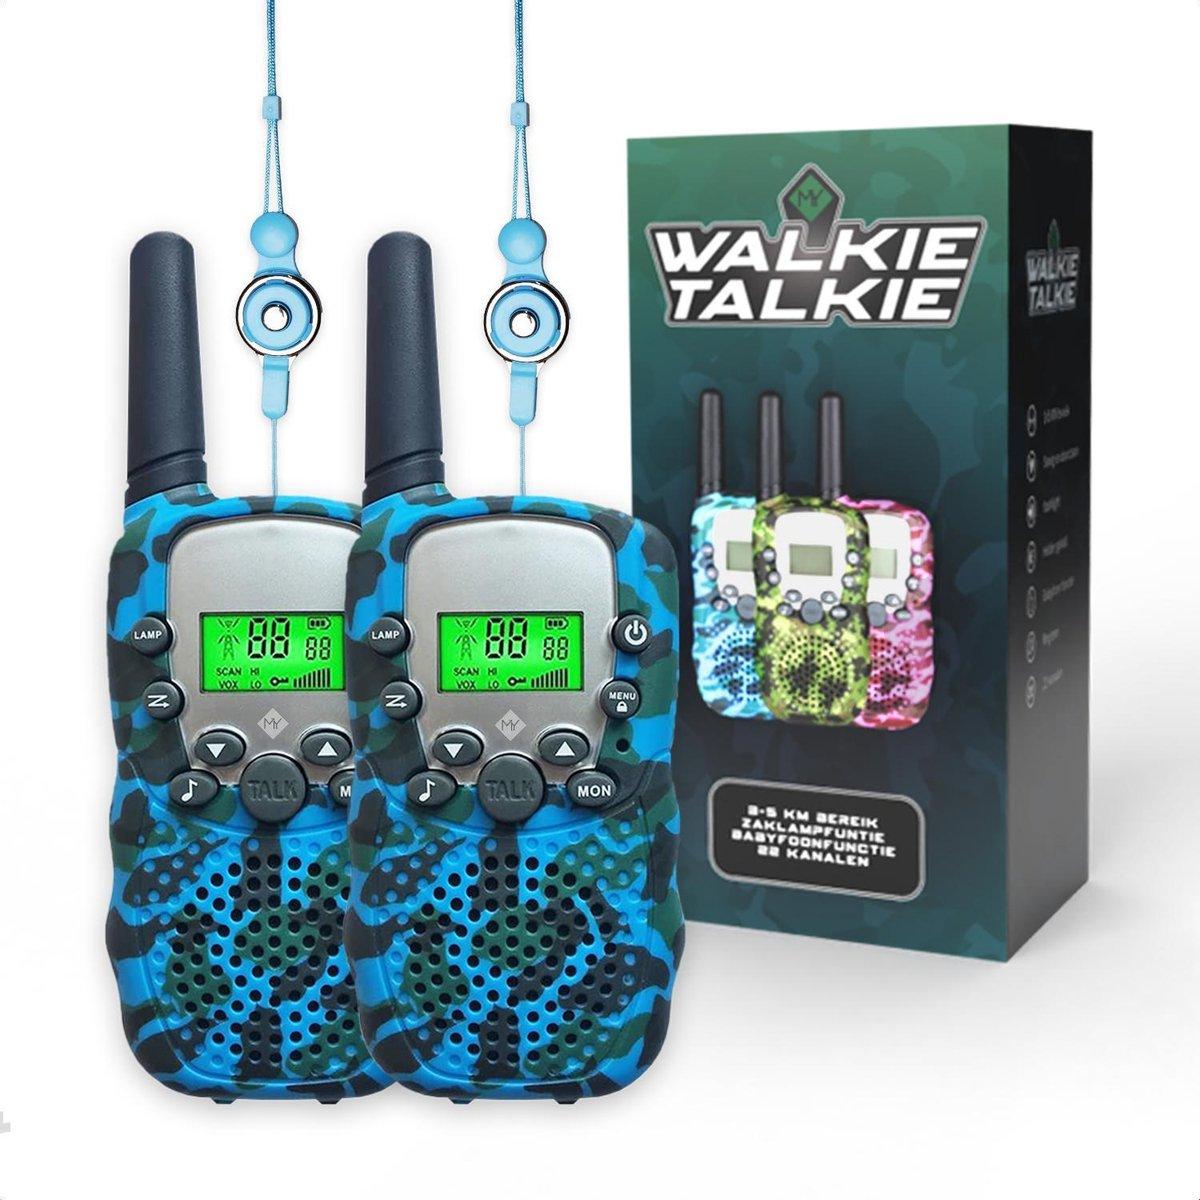 M.Y.© Premium Walkie Talkie Voor Kinderen en Volwassenen - Portofoon Tot 5 KM Bereik - Lichtfunctie - Camouflage Blauw - Gratis bijpassende Koordjes